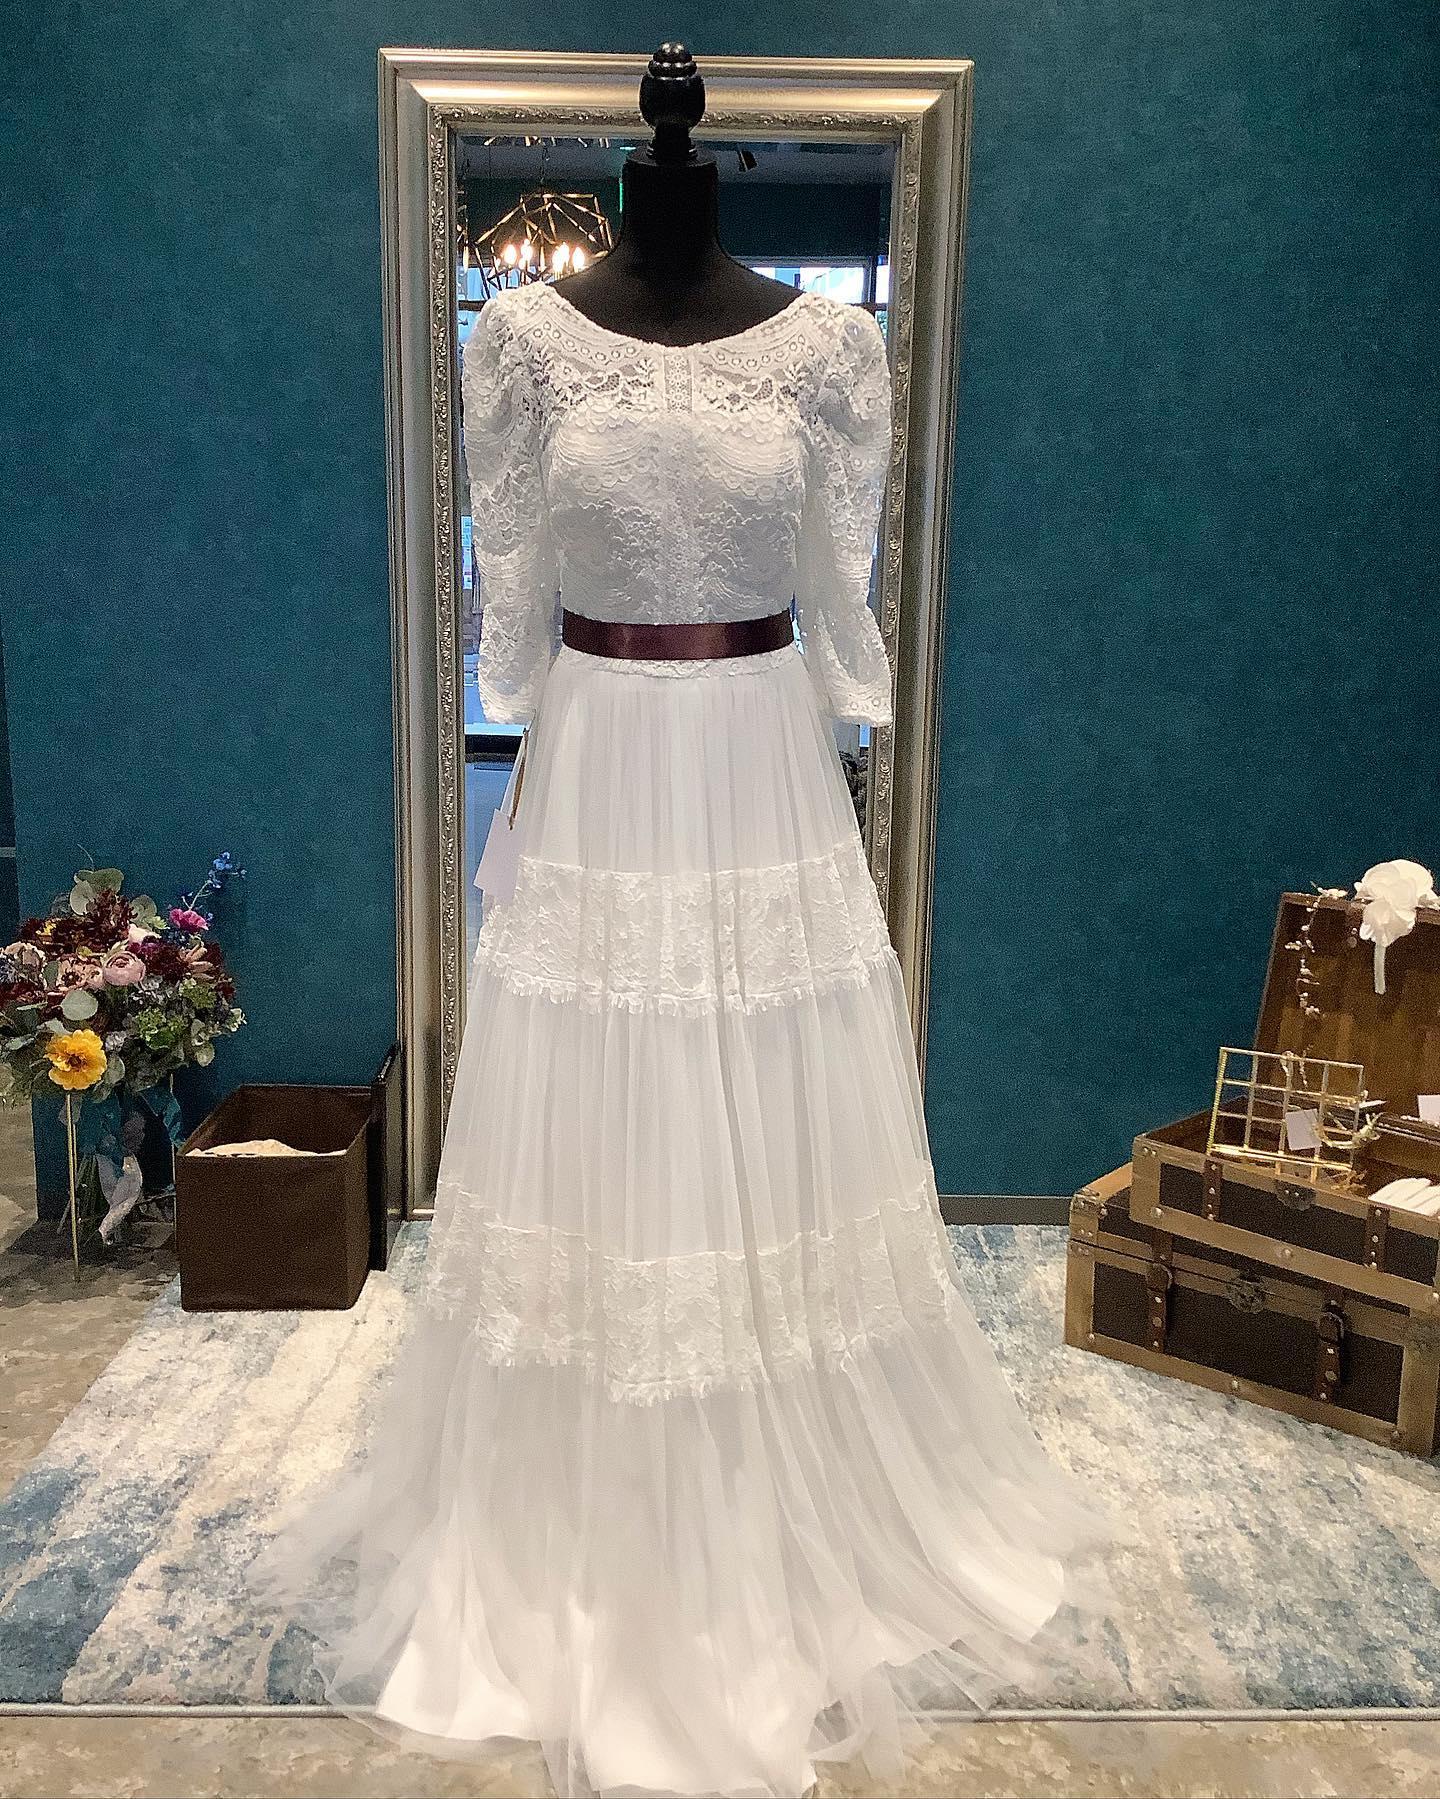 ・クラシカルで気品溢れる印象のロングスリーブドレス🕊・袖付きのドレスのお問い合わせは多くいただきます・ヴィンテージライクなテイストはレストランウェディングやフォトウェディングにもぴったり・バックスタイルはすっきりと美しく素材の柔らかさにも目を奪われますご試着いかがでしょうか・LY08-3948 購入価格:¥240,000・#wedding #weddingdress #claras #ウェディングドレス #プレ花嫁 #ドレス試着#ドレス迷子#2021冬婚 #ヘアメイク #結婚式  #ドレス選び #前撮り #後撮り #フォトウェディング #ウェディングヘア  #フォト婚 #ブライダルフォト #カップルフォト #ウェディングドレス探し #ウェディングドレス試着 #レンタルドレス #ドレスショップ #家族婚 #バウリニューアル #記念日婚 #モニター募集 #ドレス迷子 #プレ花嫁 #ニューノーマル #クララス #ロングスリーブドレス #袖付きドレス